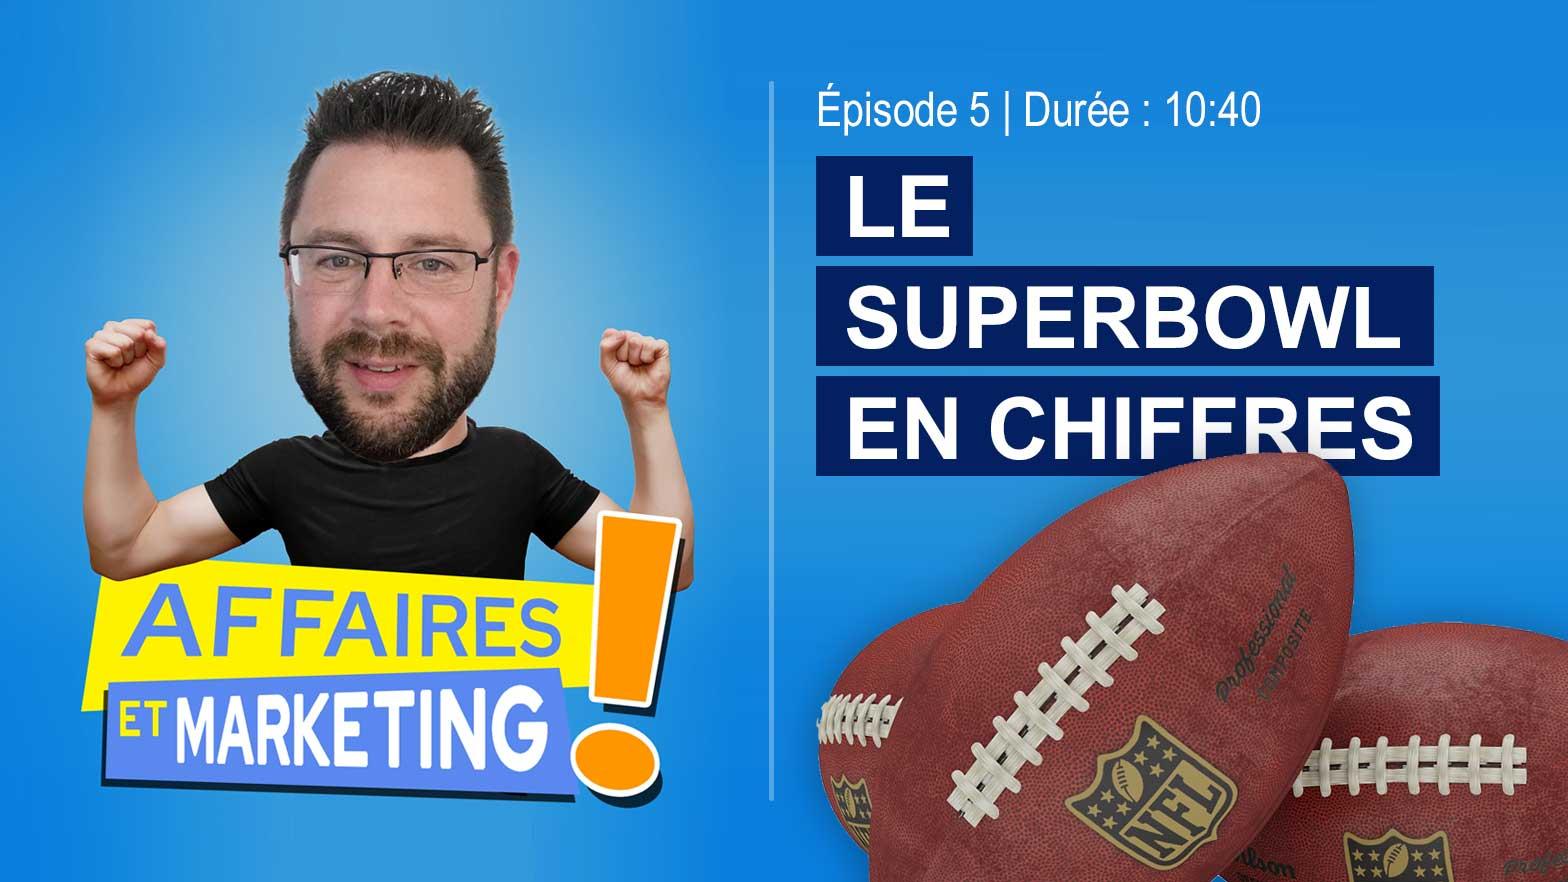 Podcast : Superbowl en chiffres